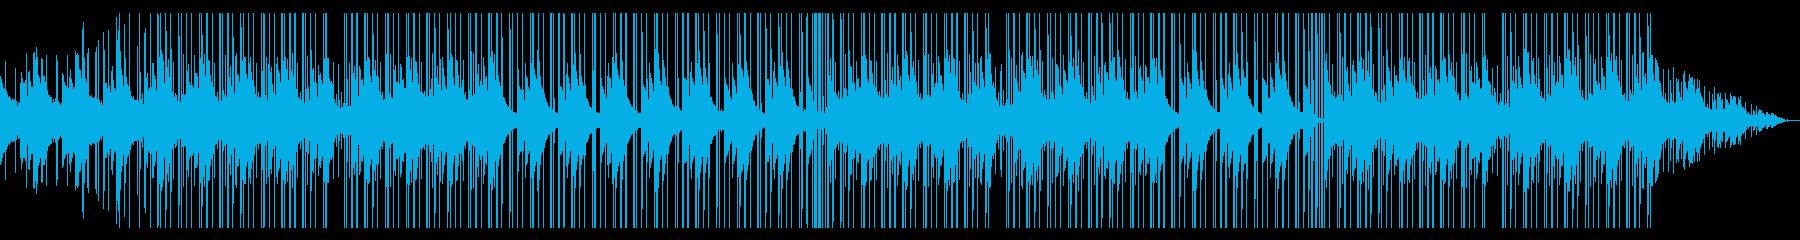 暗いネガティブな感情のローファイの再生済みの波形